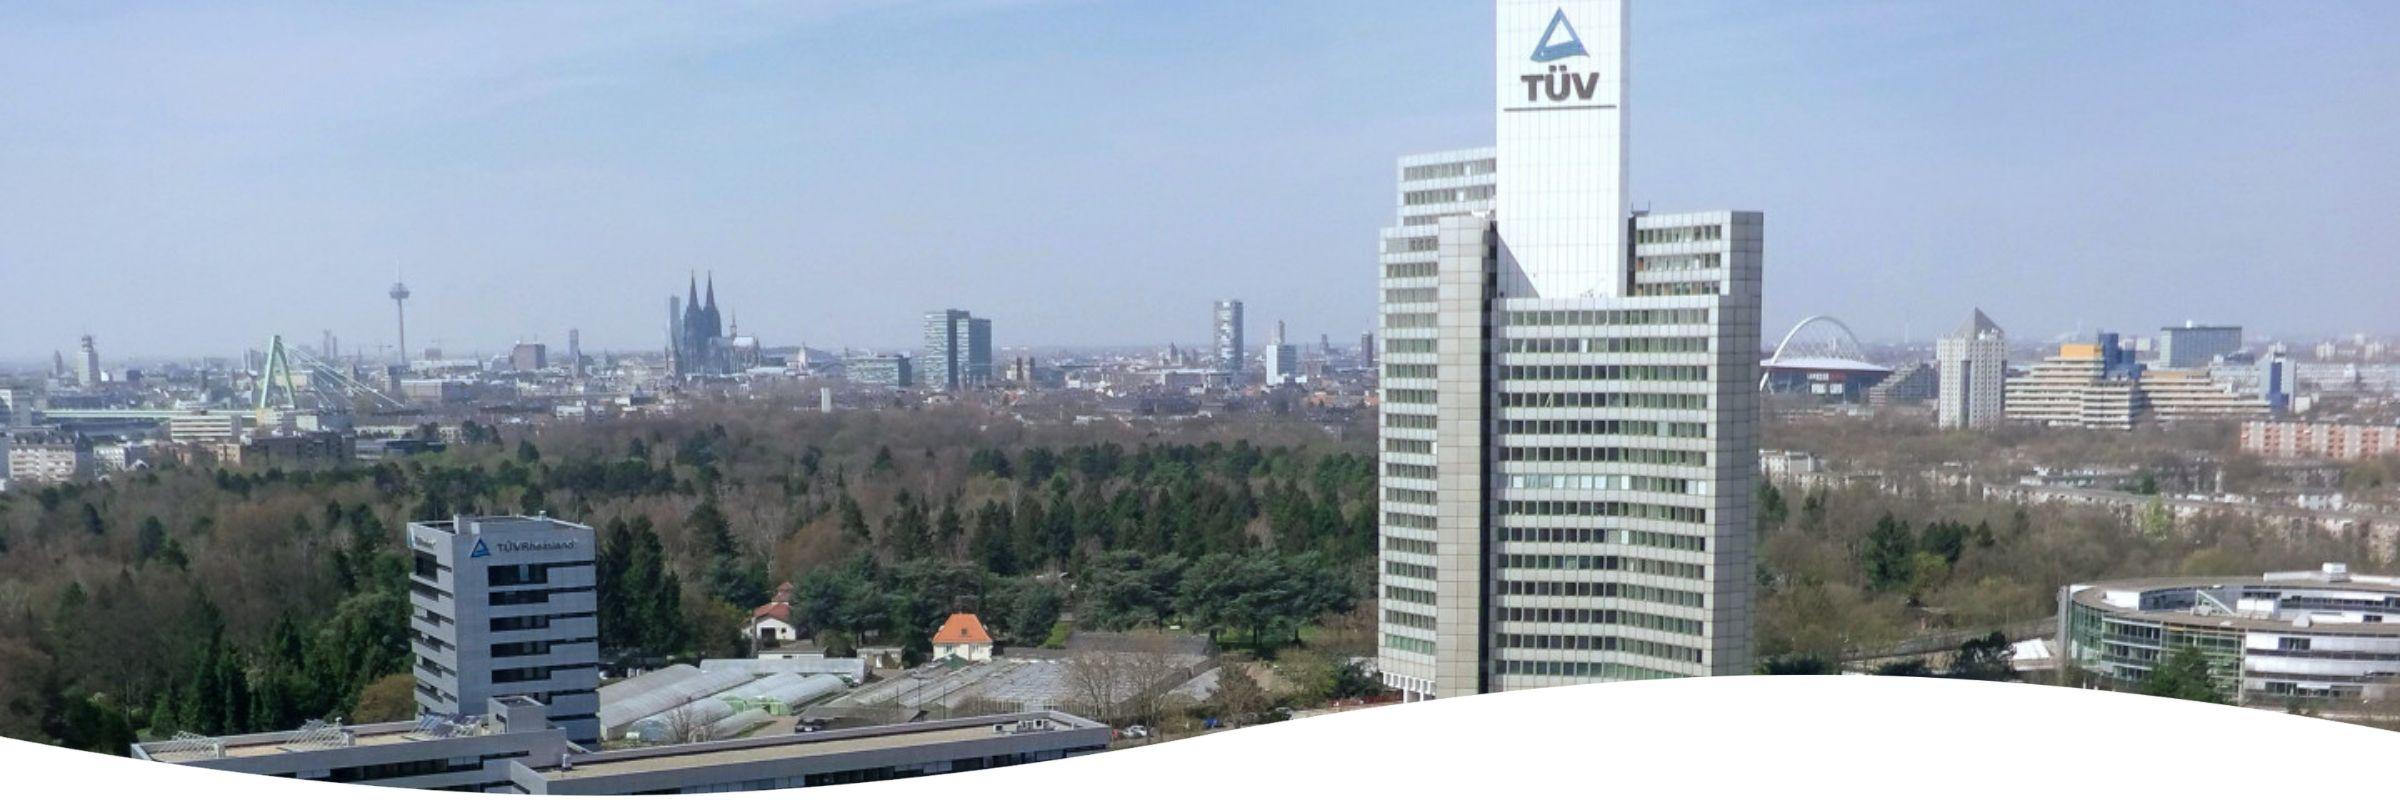 TÜV Rheinland Blog Kontakt